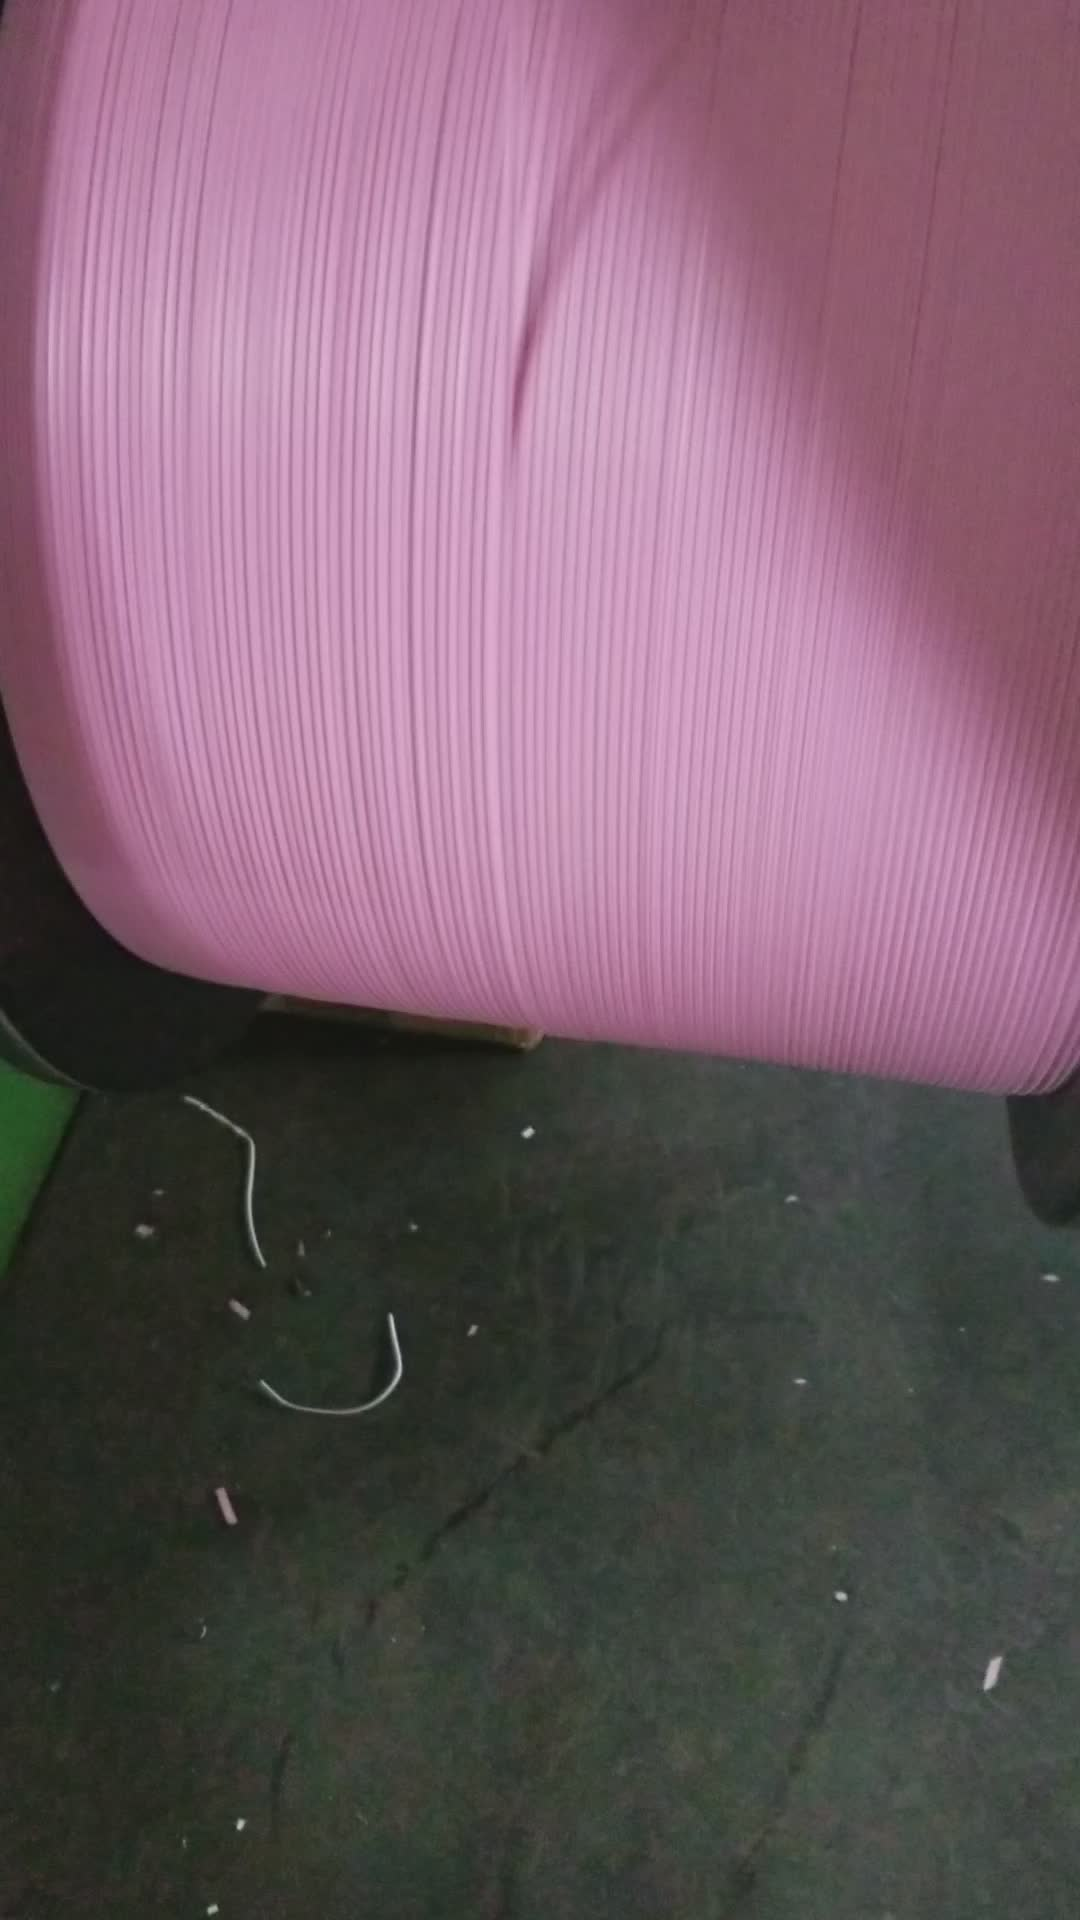 Pp cable tie clip sacchetto di pvc pre tagliato decorativo di plastica legami di torsione